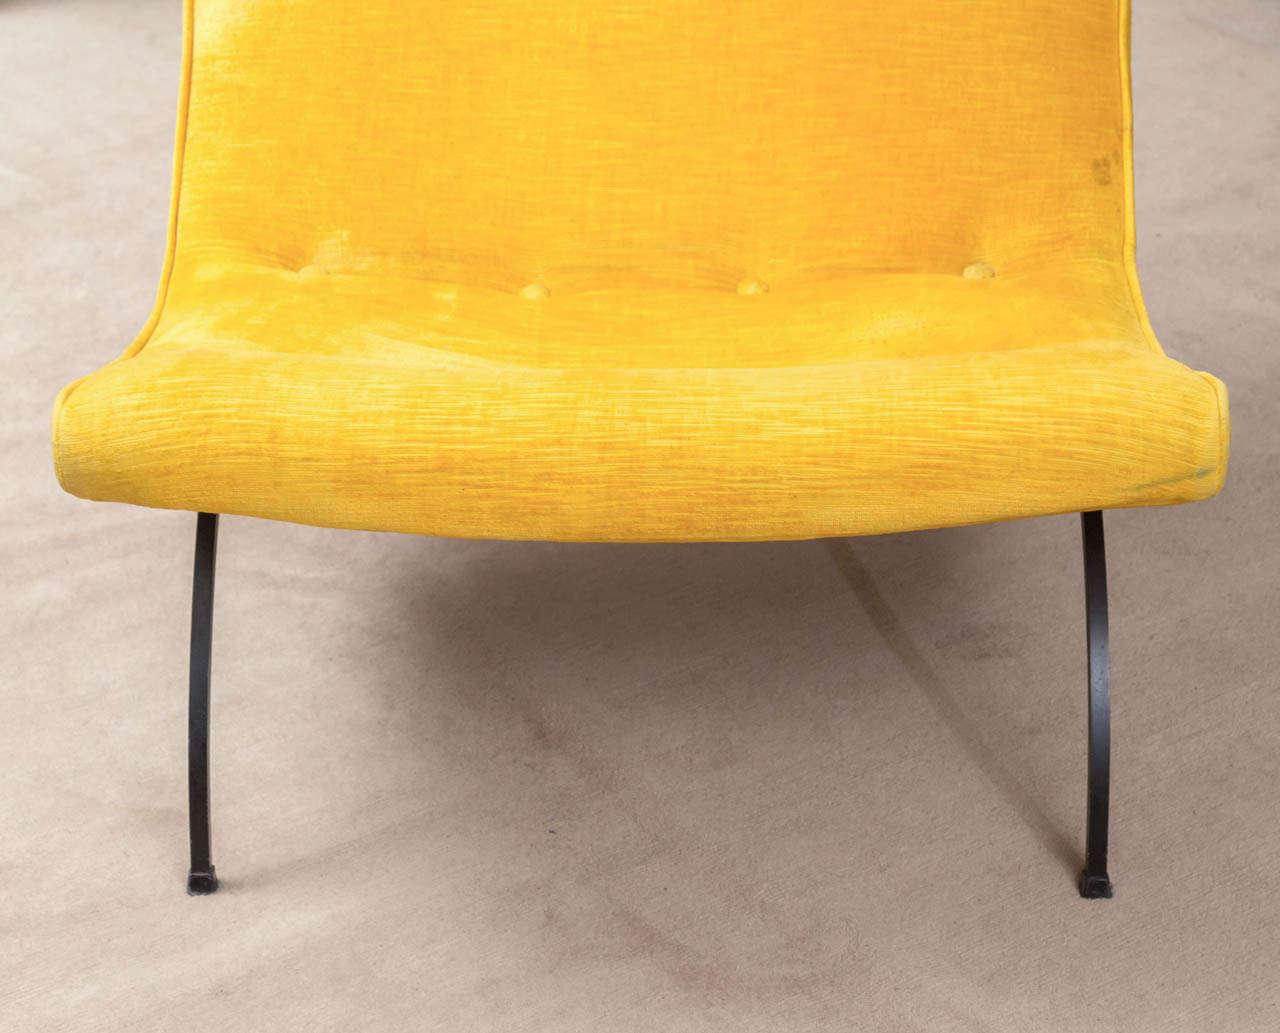 Milo Baughman - Scoop Chair 4